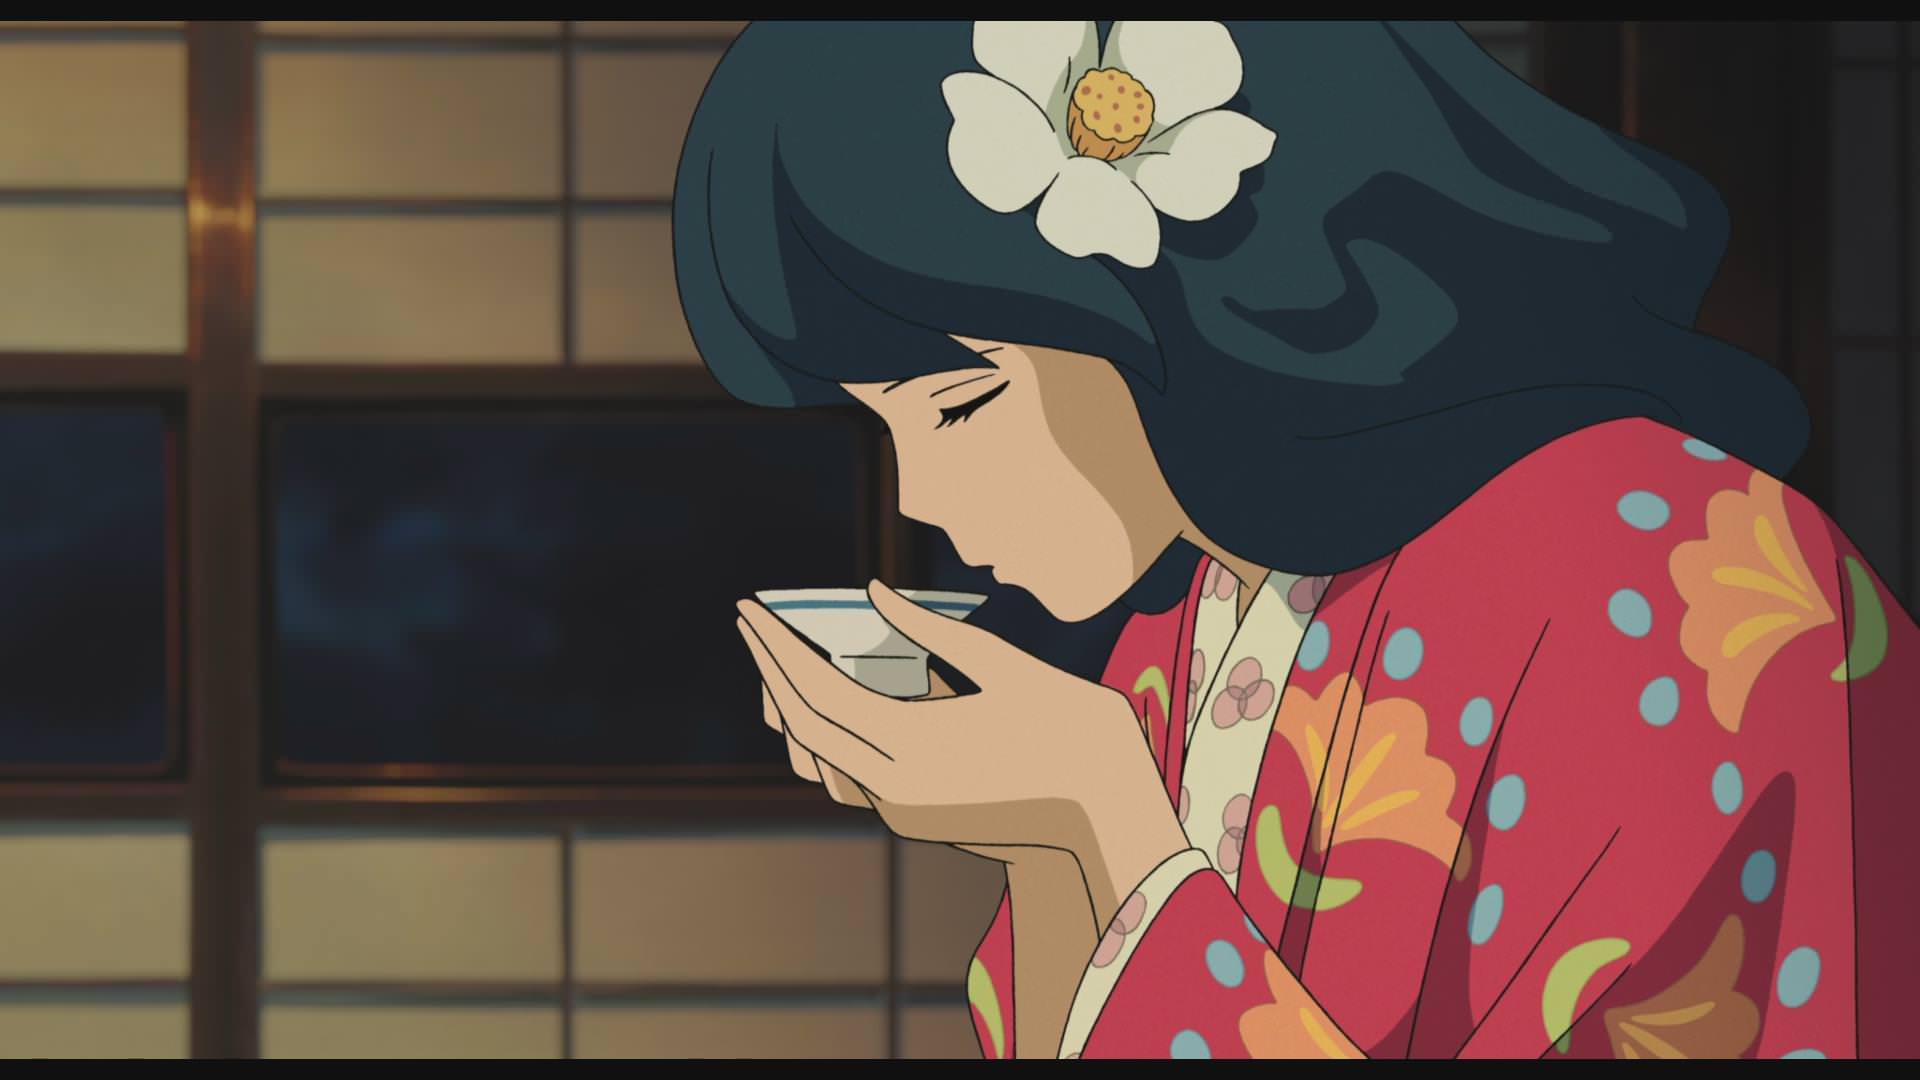 別羨慕獨立的人,一個人的苦澀只有嚐過寂寞的人才會懂得- 宮崎駿的夢想之城